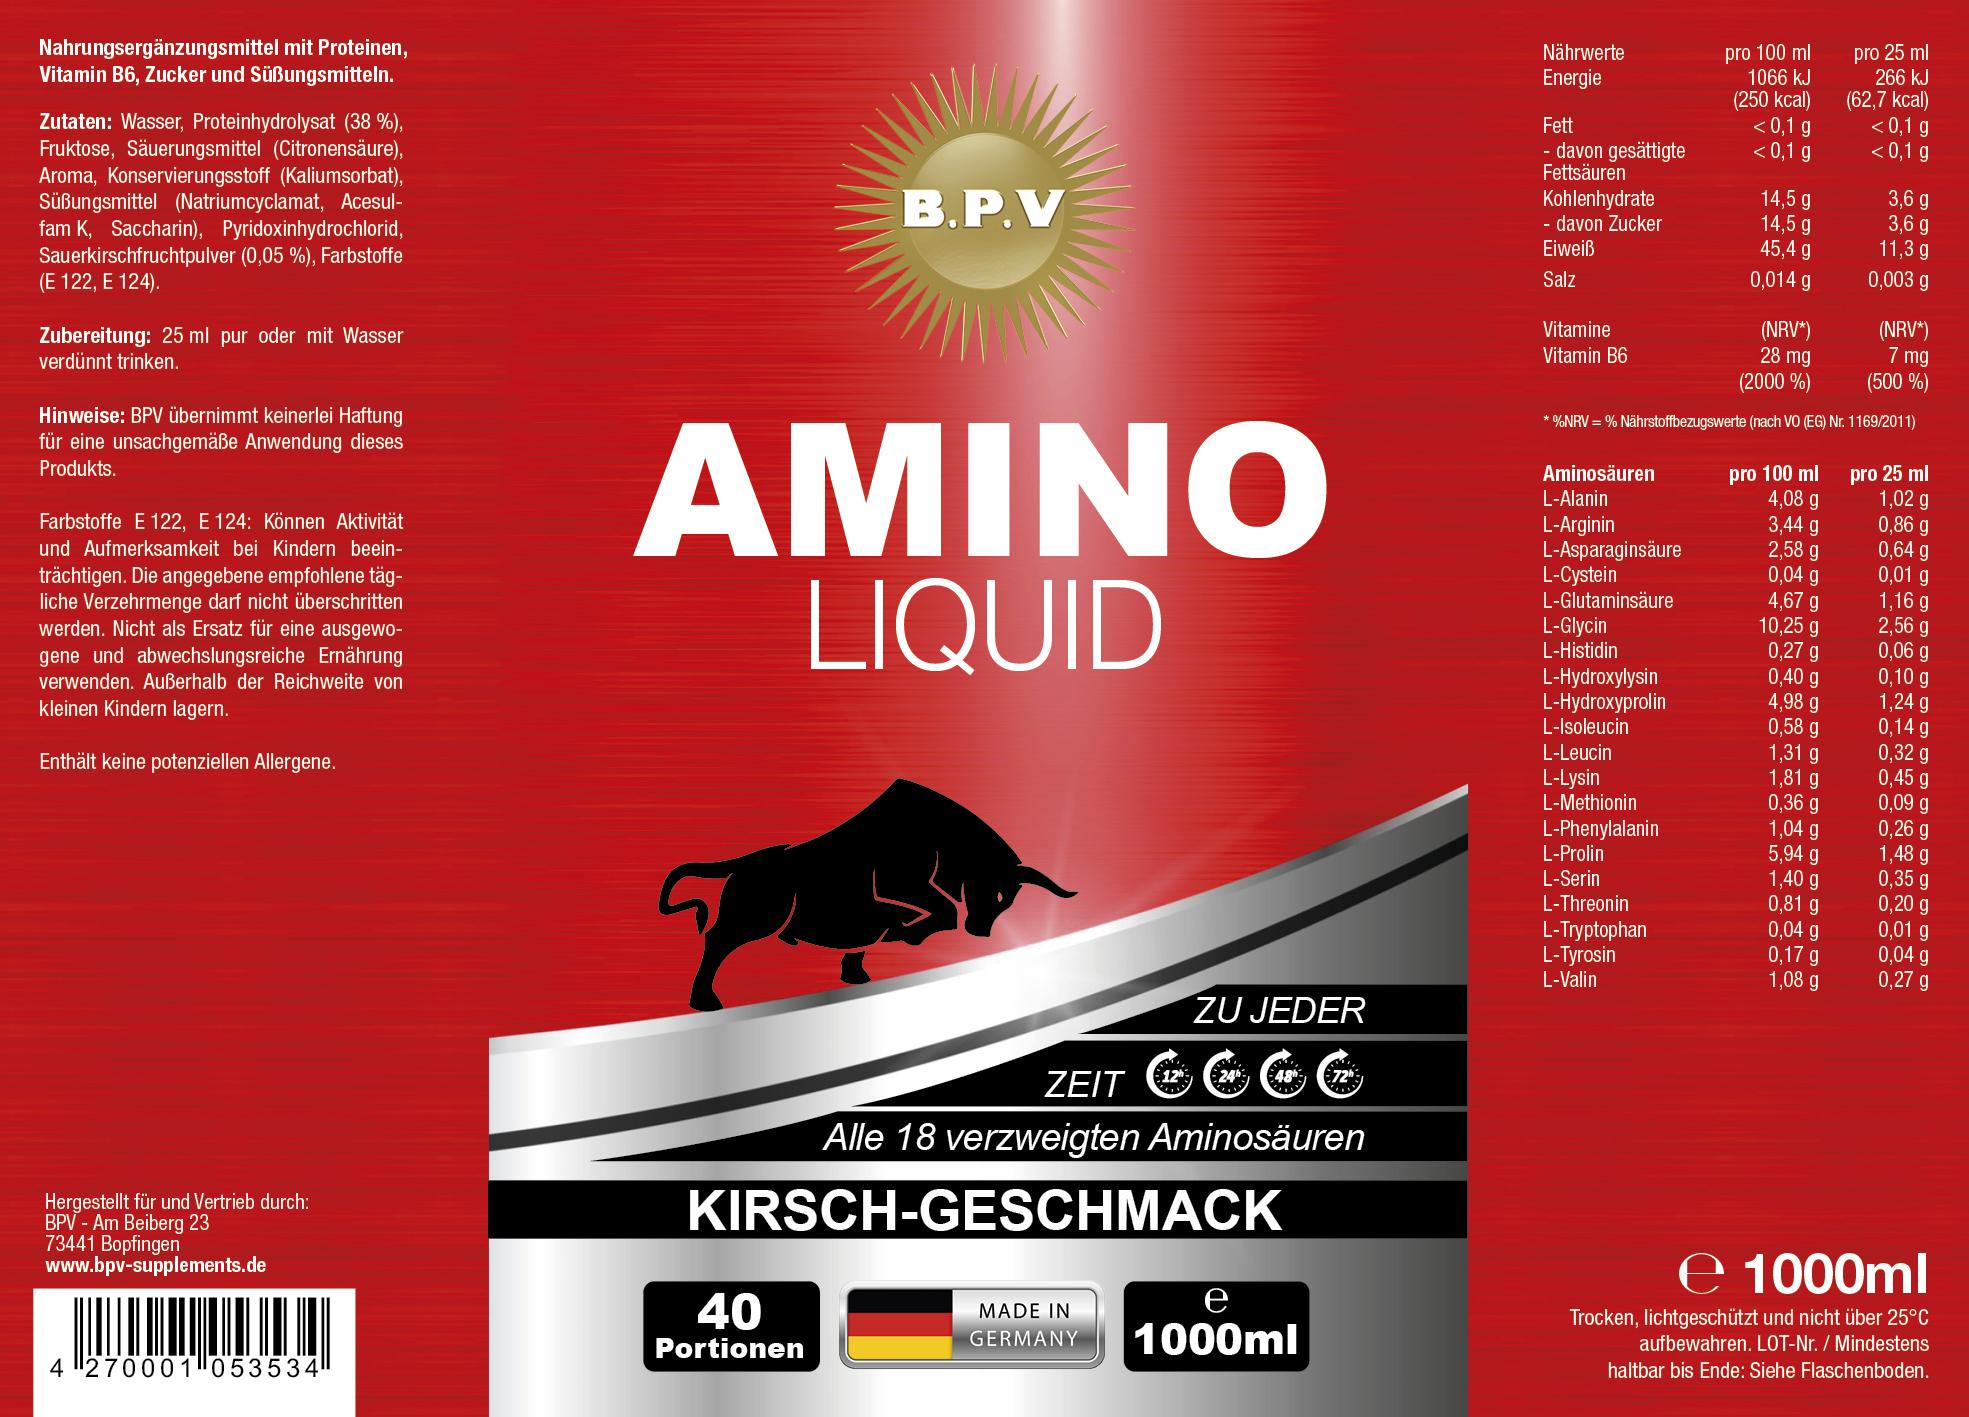 ANSICHT_Amino-Liquid_1000ml_Kirsche_WL_BL-1